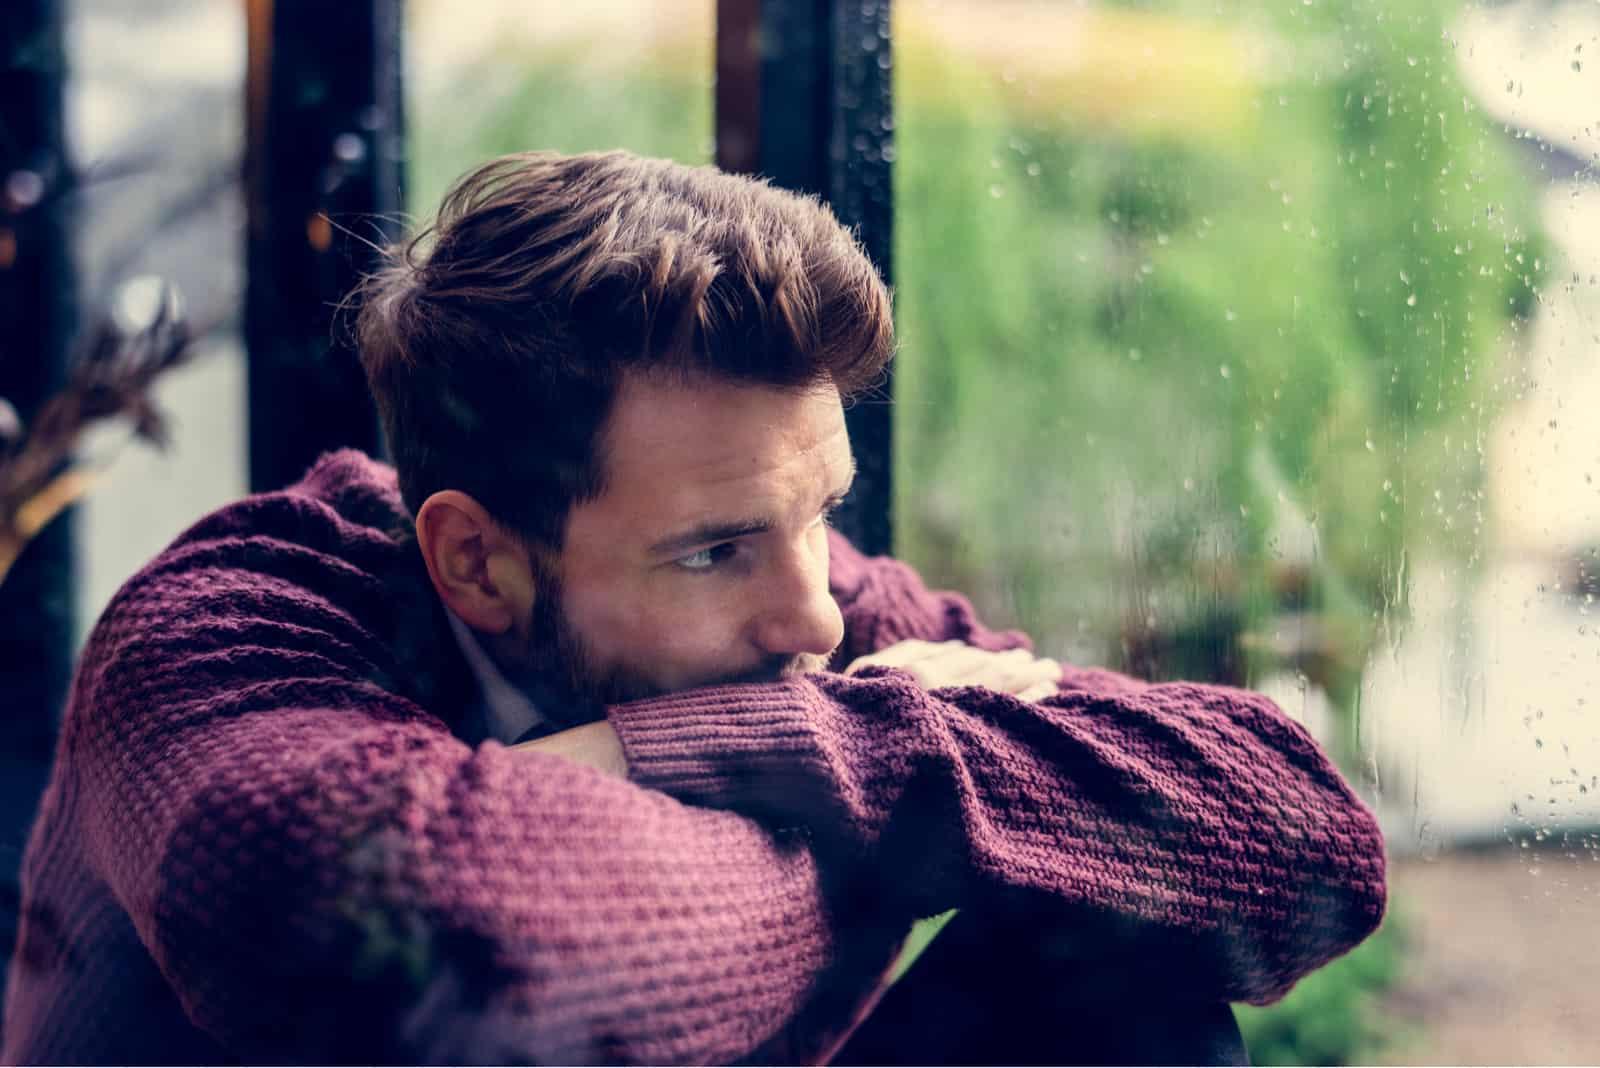 homme réfléchi regardant par la fenêtre